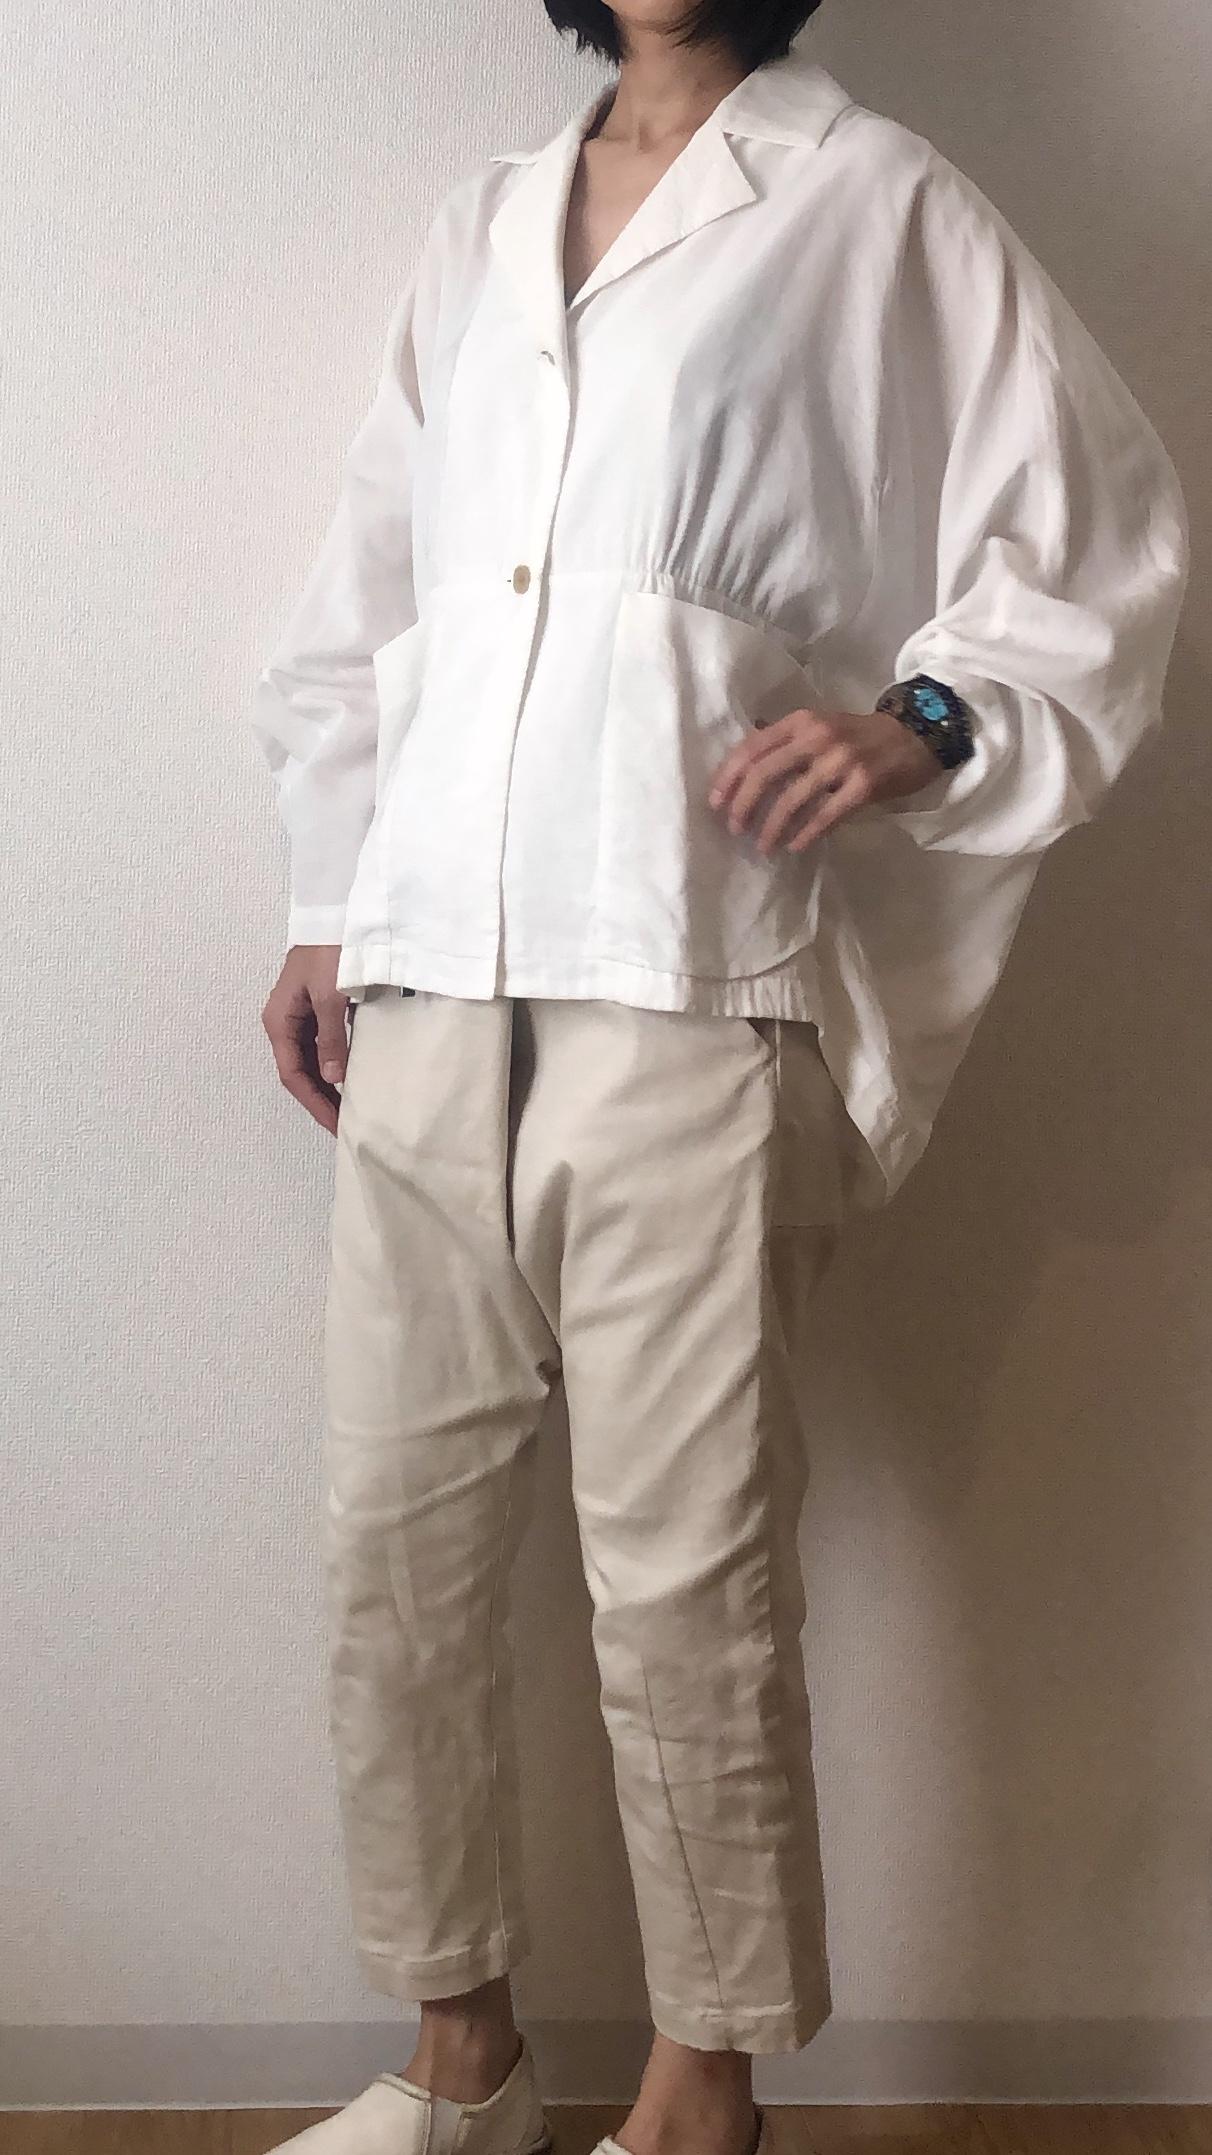 [RaPPELER] modal jacket